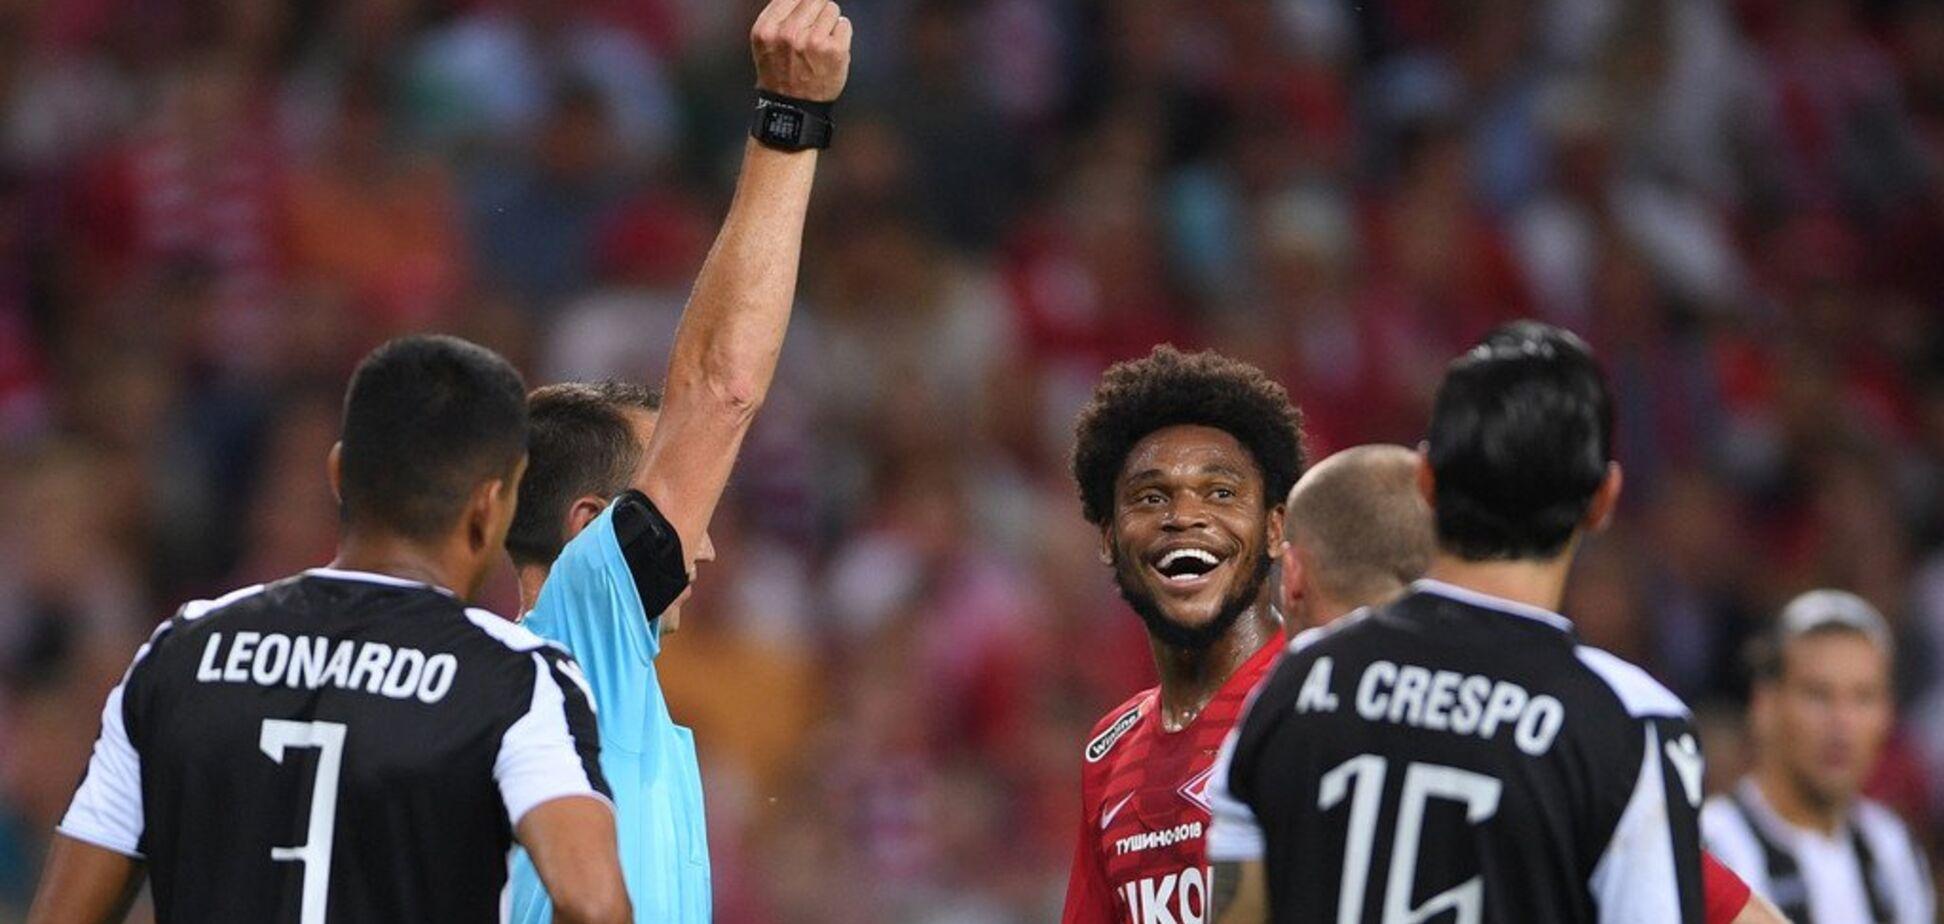 УЕФА жестоко наказал рекордсмена 'Шахтера' за матч, который завершился истерикой россиян из-за Украины